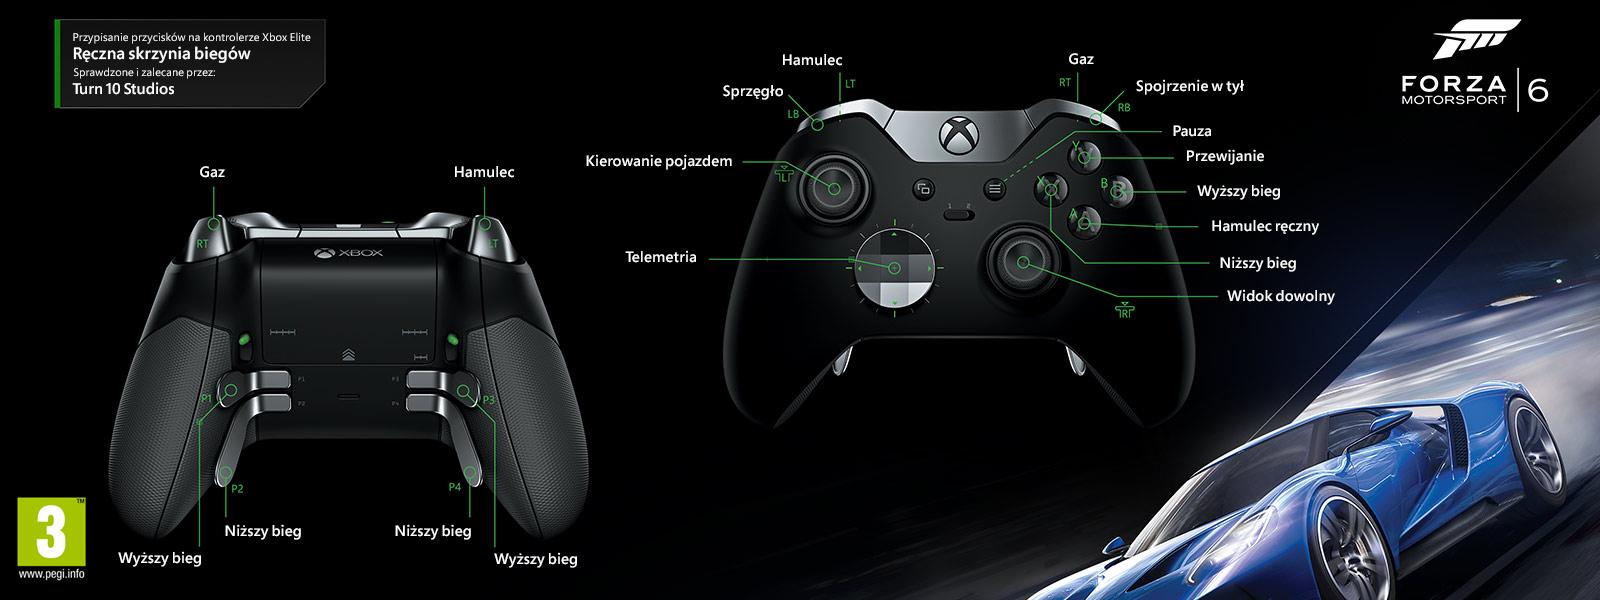 Forza Motorsport 6 – mapowanie Elite pod kątem ręcznej zmiany biegów